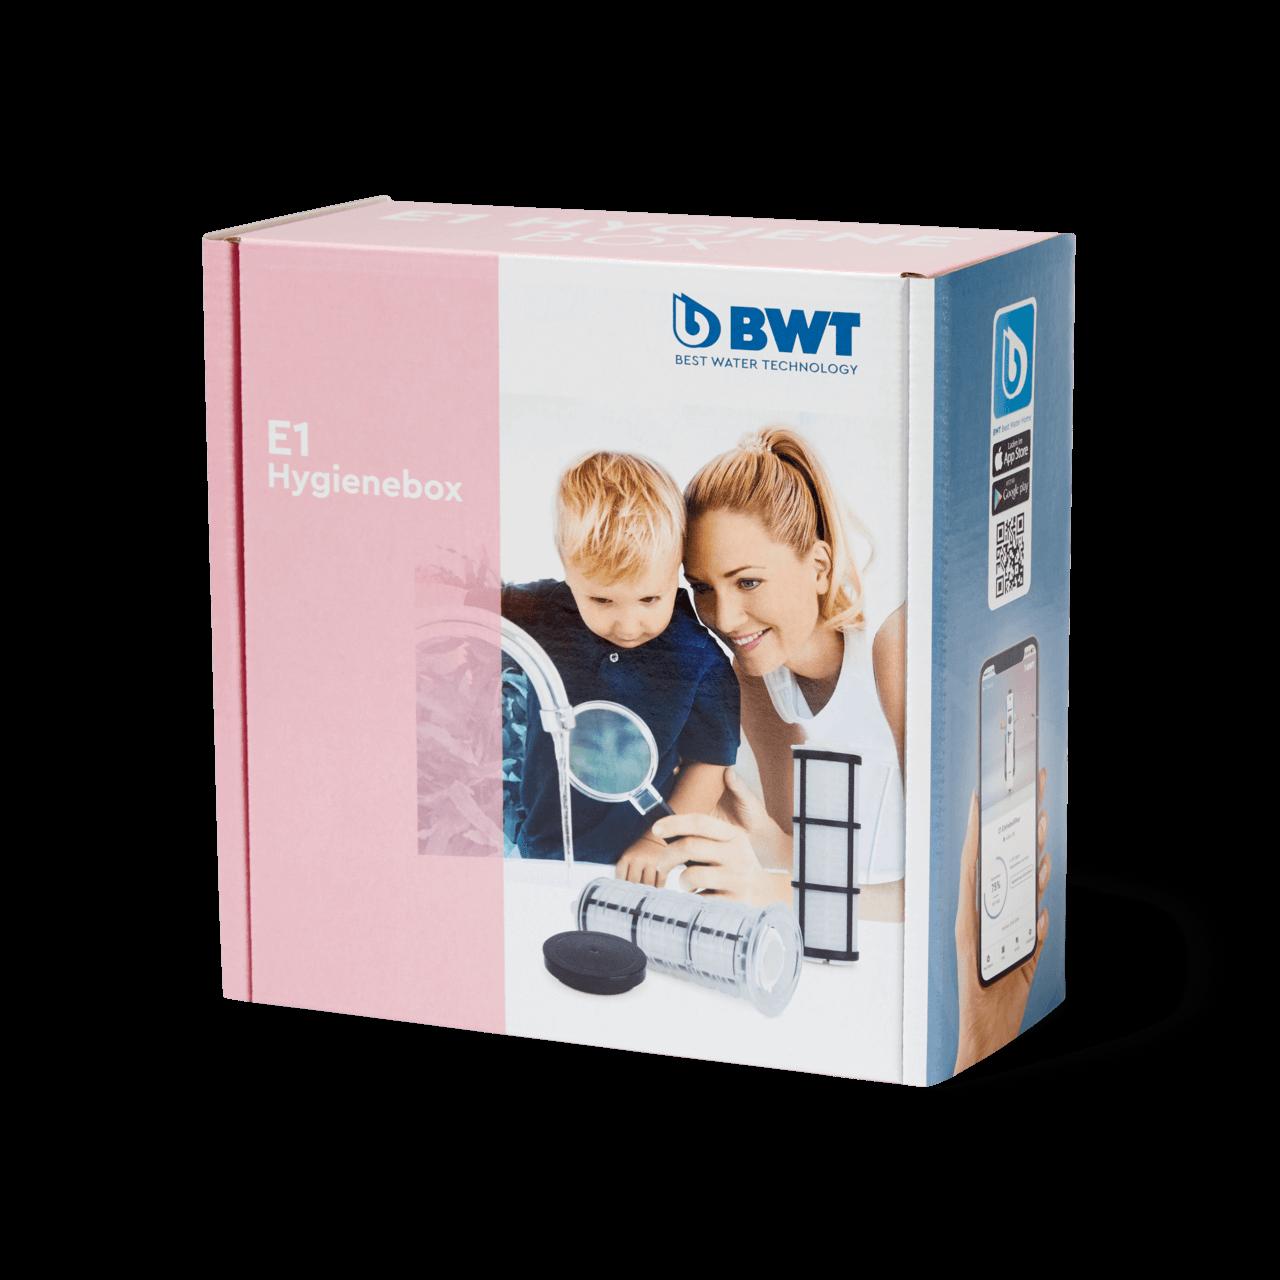 BWT E1 Hygienebox